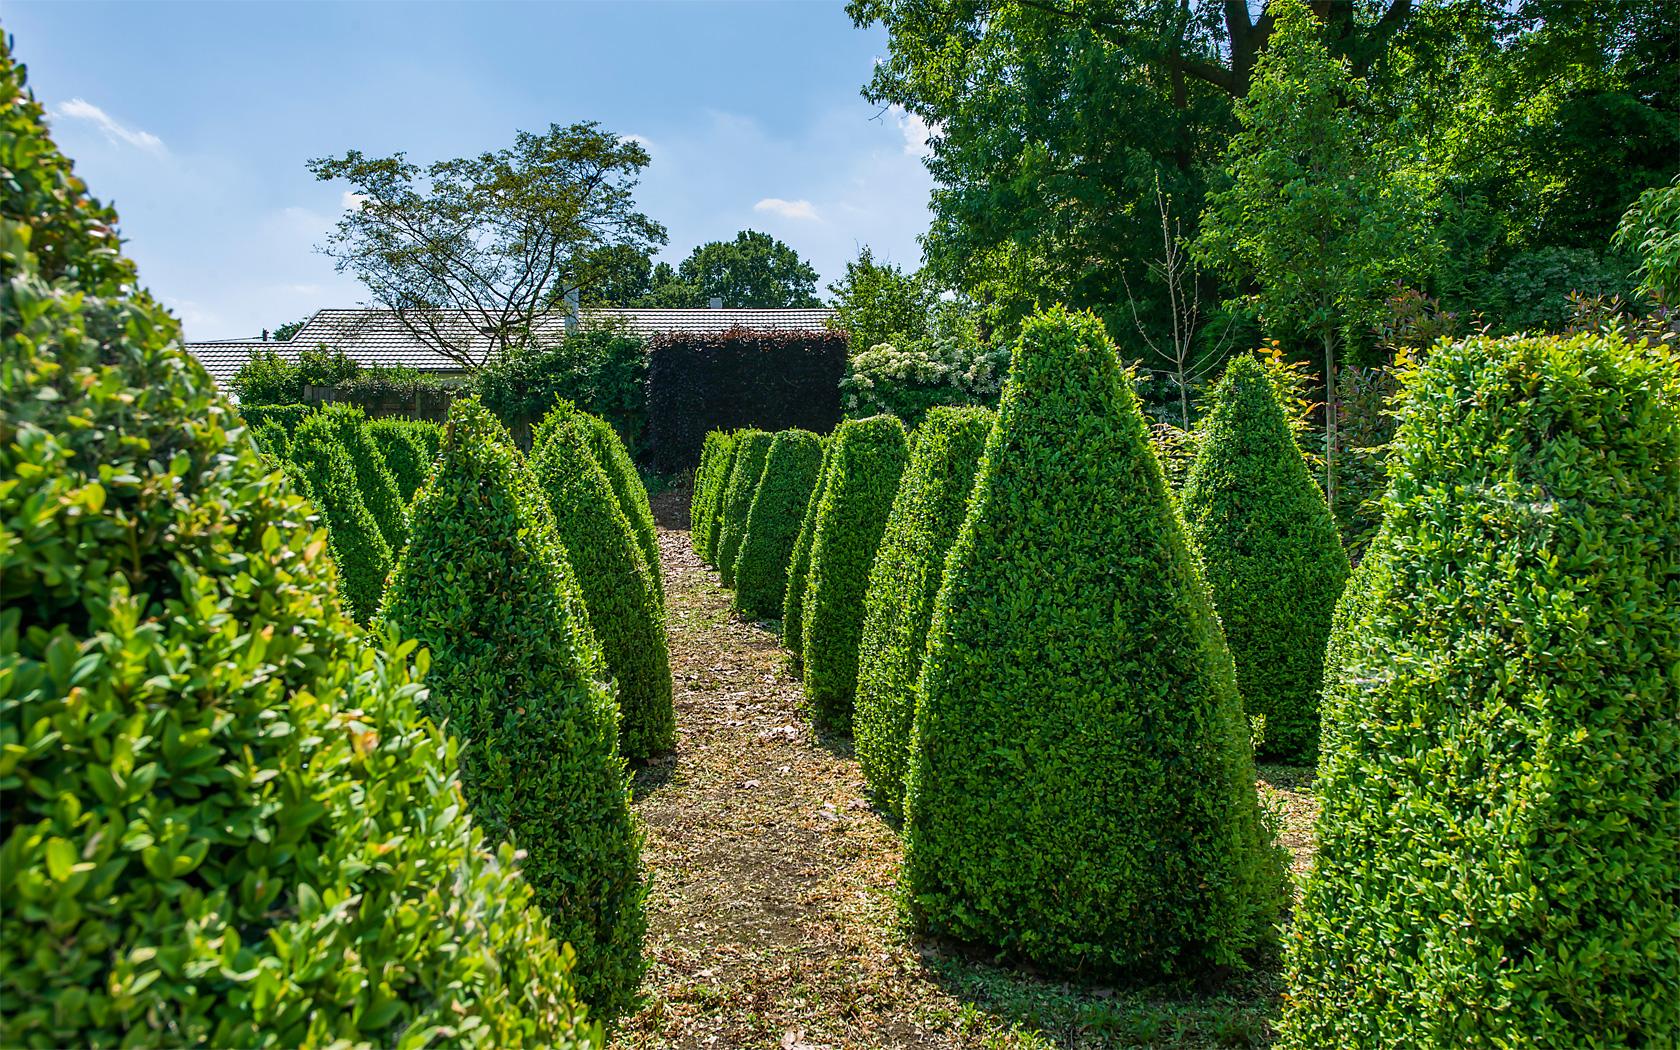 Stronken verwijderen - Groenbedrijf Limburg